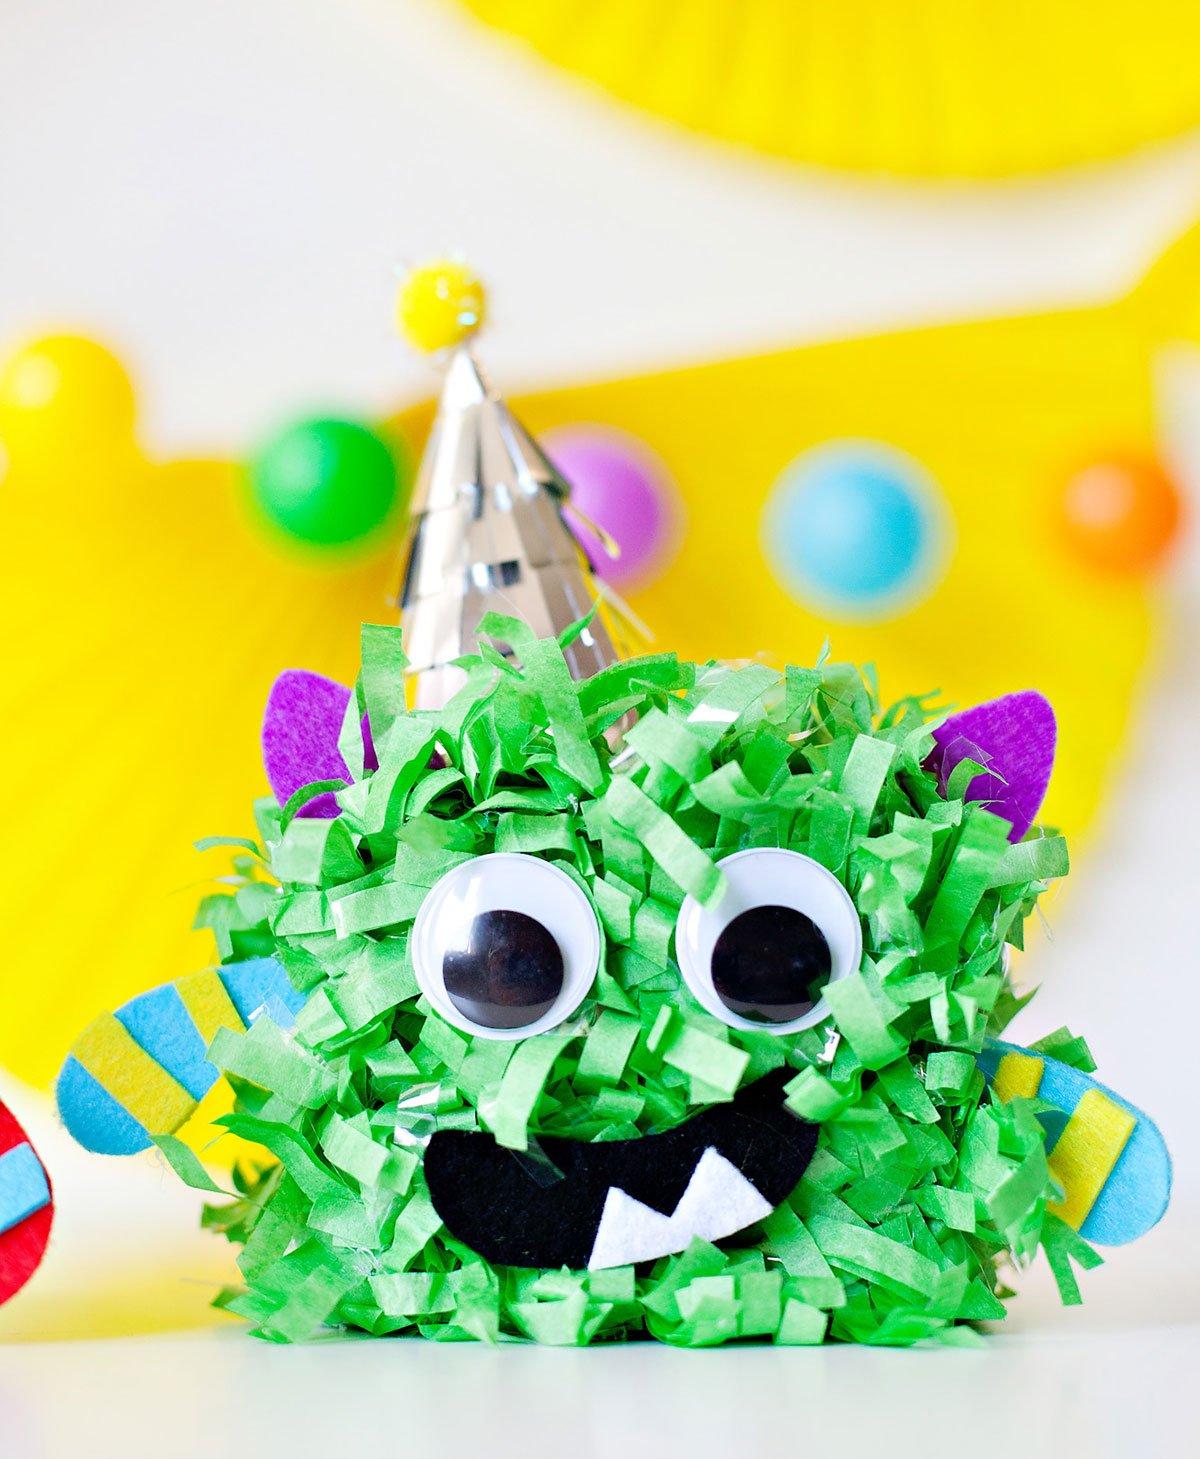 Cute Monster Party - Monster Centerpiece Green